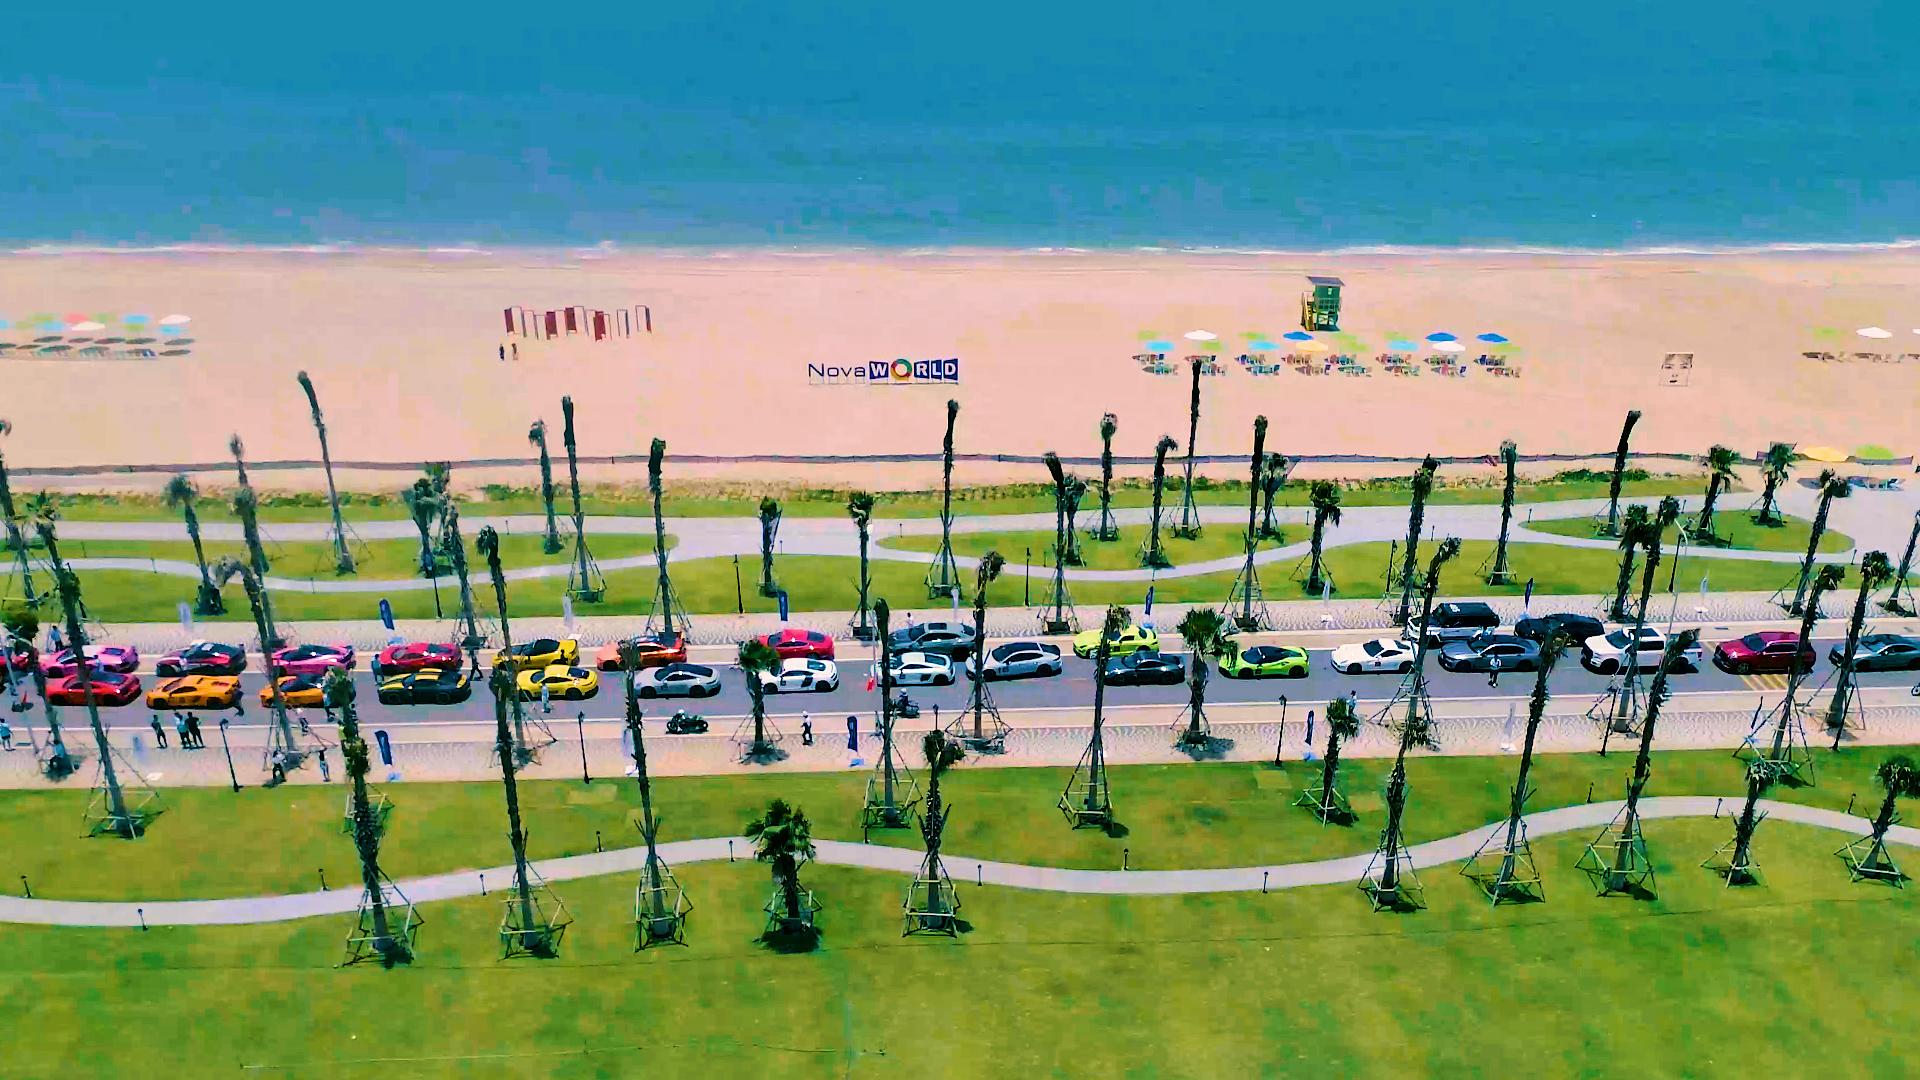 Công viên biển Bikini Beach 16 ha tại NovaWorld Phan Thiet là một trong những tiện ích mà Lý Hoàng Nam háo hức trải nghiệm.